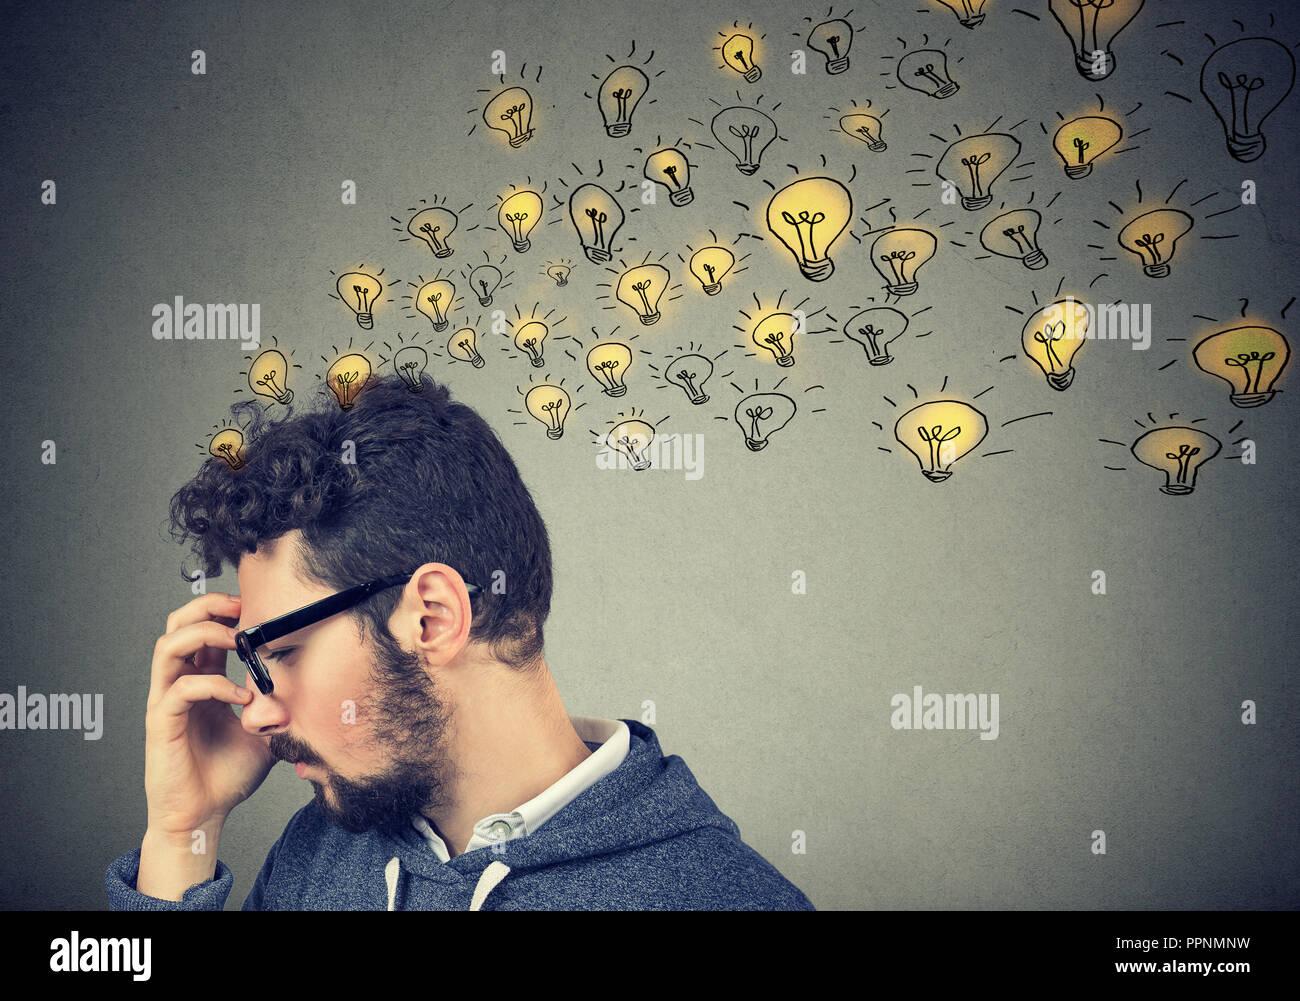 Junger Mann denken, konzentrieren sich viele Ideen mit Hintergrund der hellen Glühbirnen. Stockbild